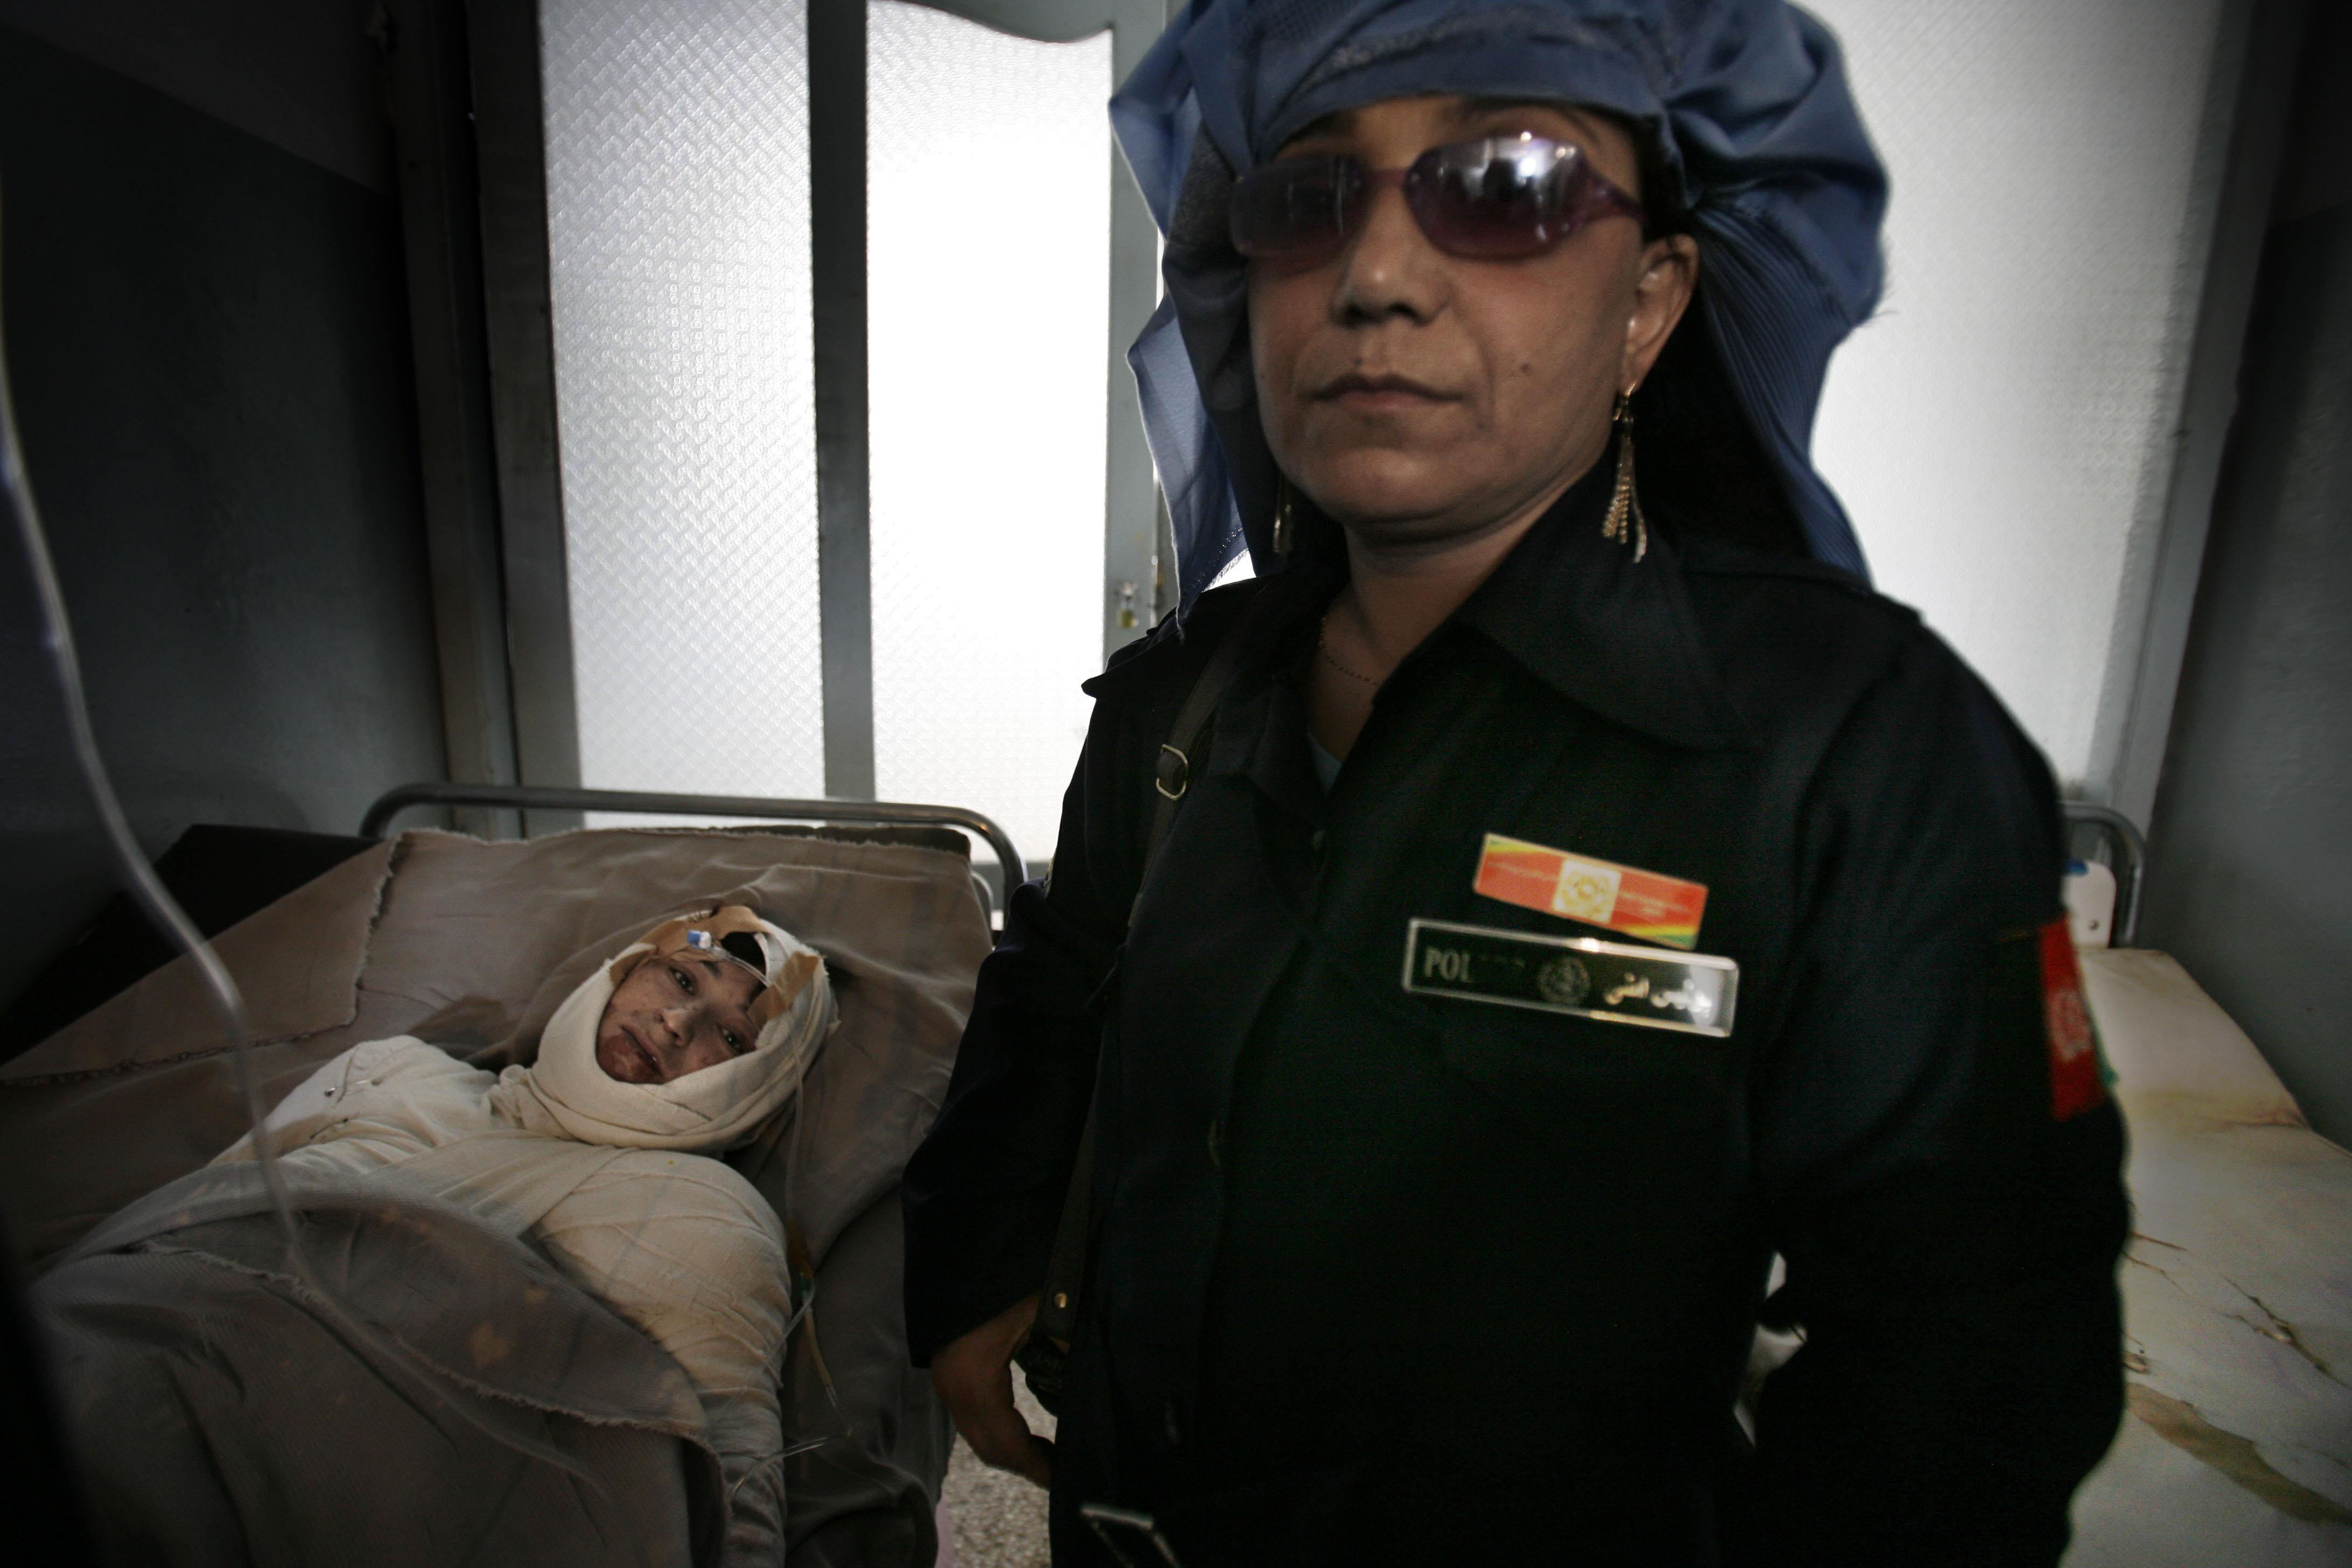 Gulalai, 19 ans, maman d'une petite fille, n'en pouvait plus de ce régime opressif, de se faire battre par son mari. Elle a décidé de se donner la mort en se brûlant vive. Une femme-flic vient prendre sa déposition sur son lit de mort à l'hôpital d'Hérat. Son mari sera arrêté et emprisonné pendant quelques semaines.